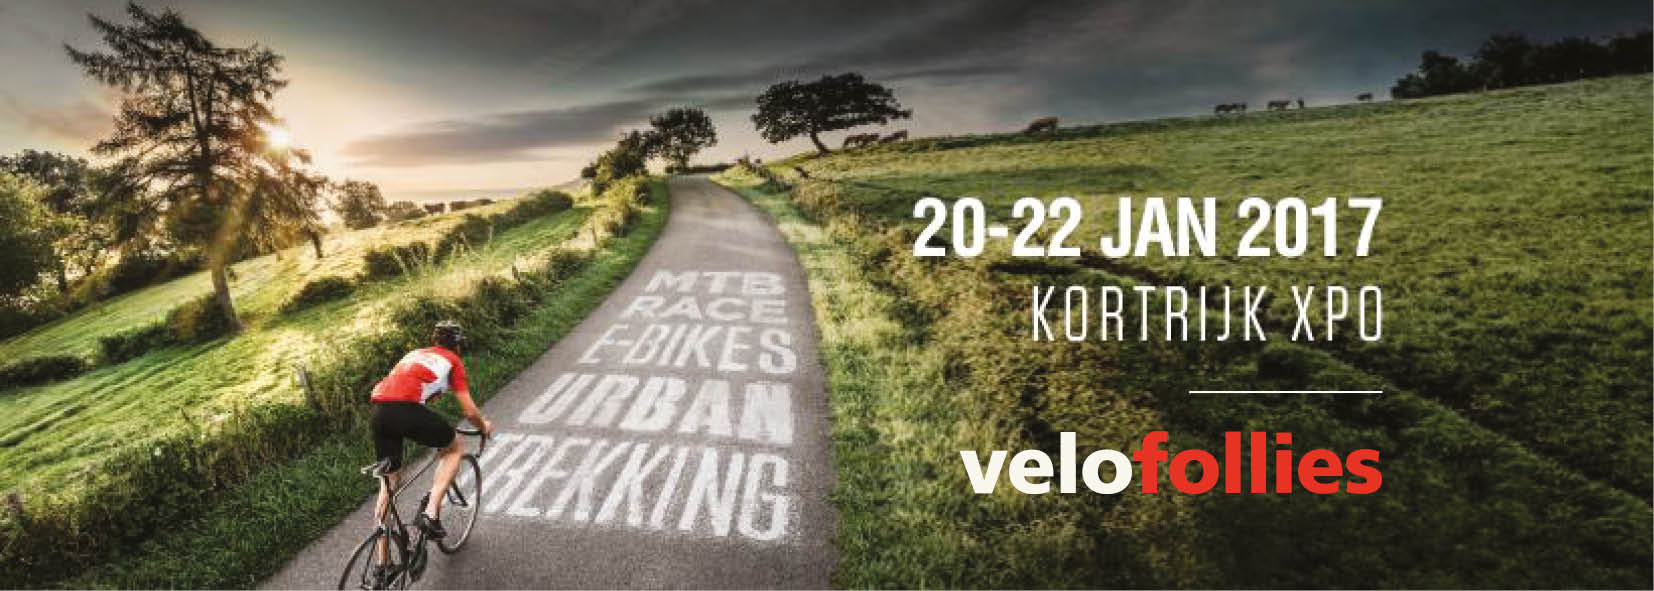 velofollies-2017